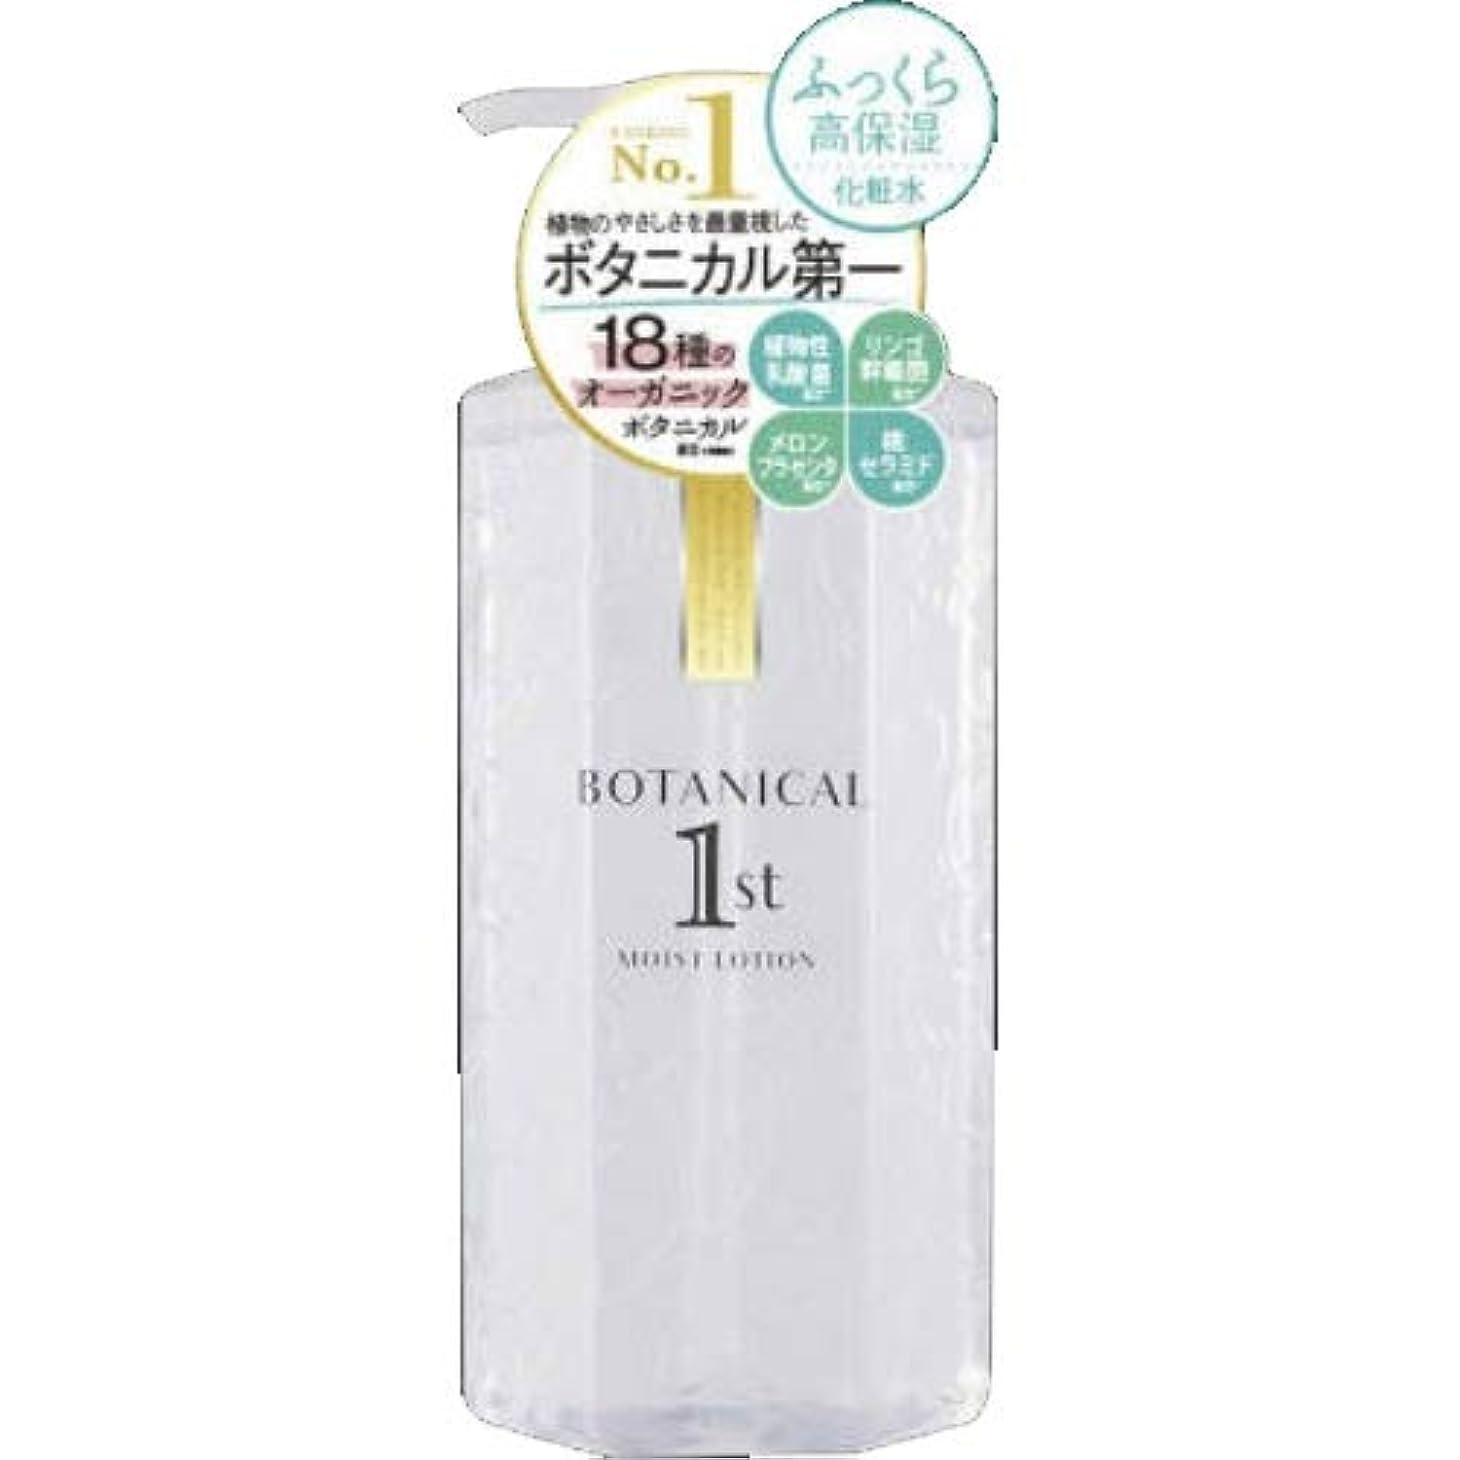 線形リフトたぶんコスメテックスローランド ボタニカルファースト 高保湿 化粧水 400ml 1本(化粧品)